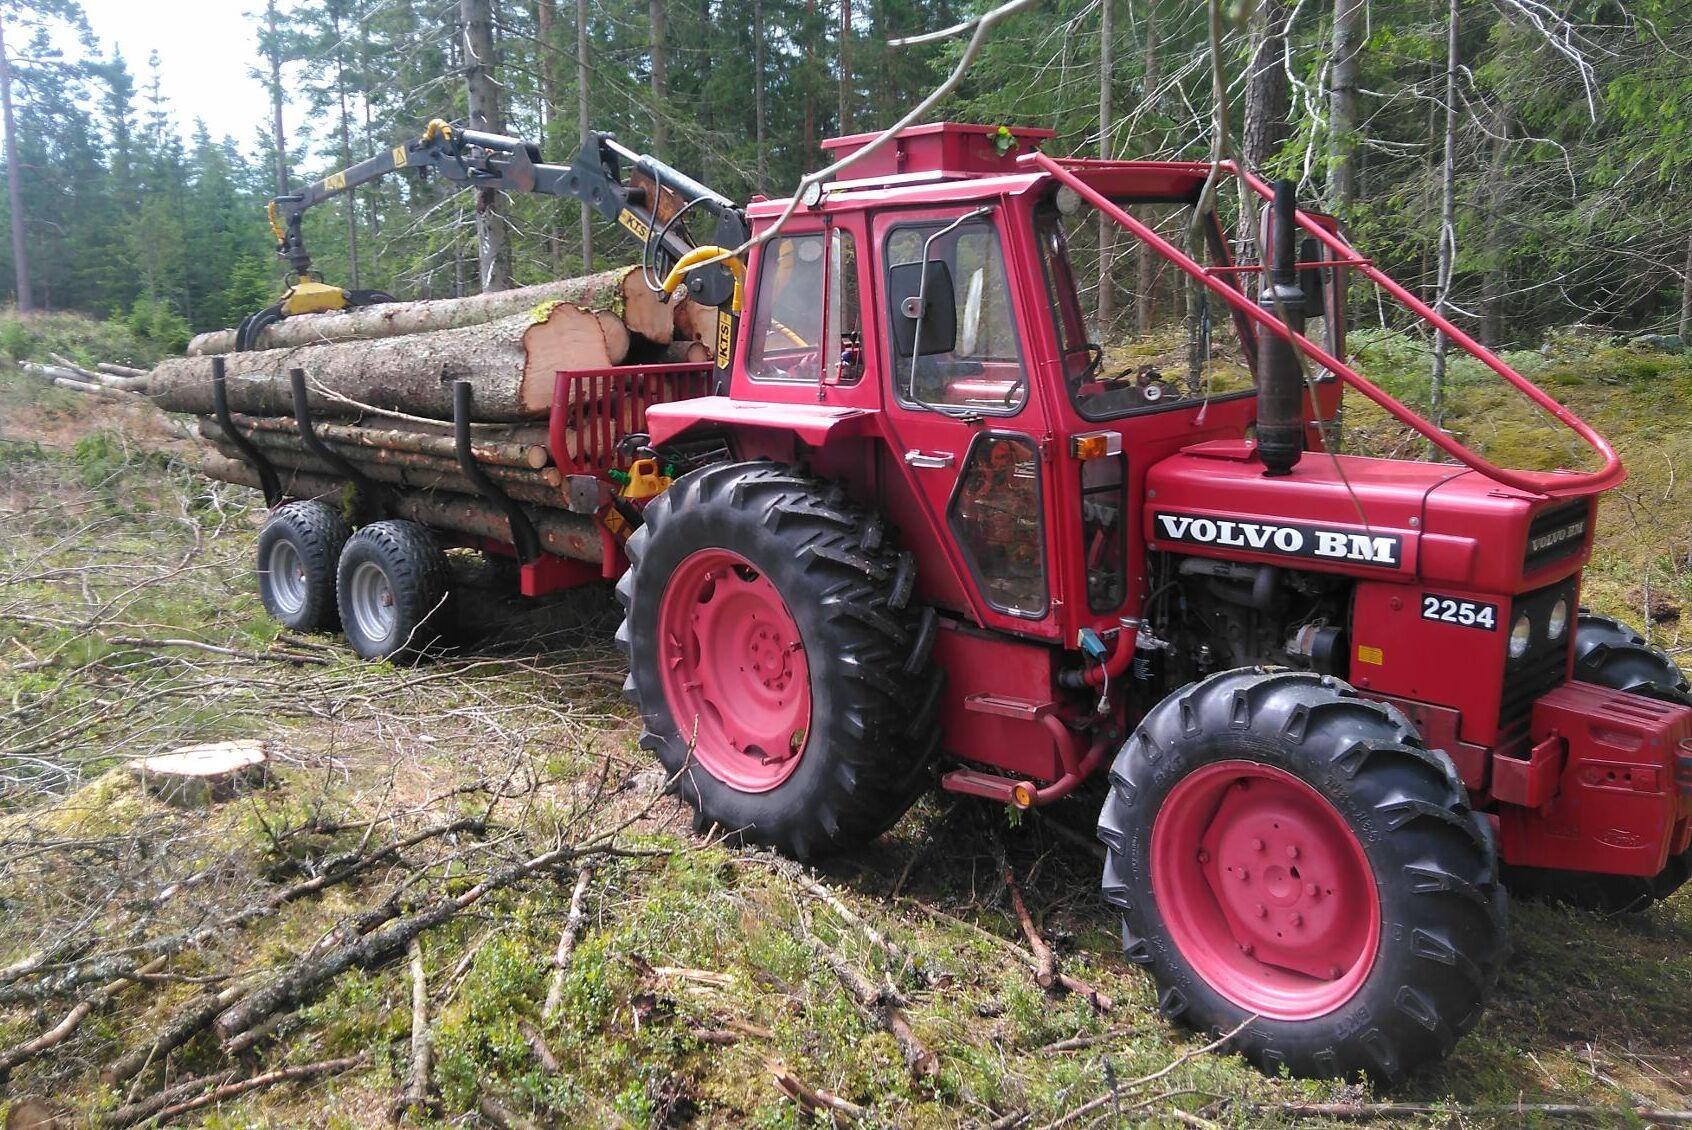 Volvo BM 2254 är en fin traktor i skogen, tycker Martin Dermark.